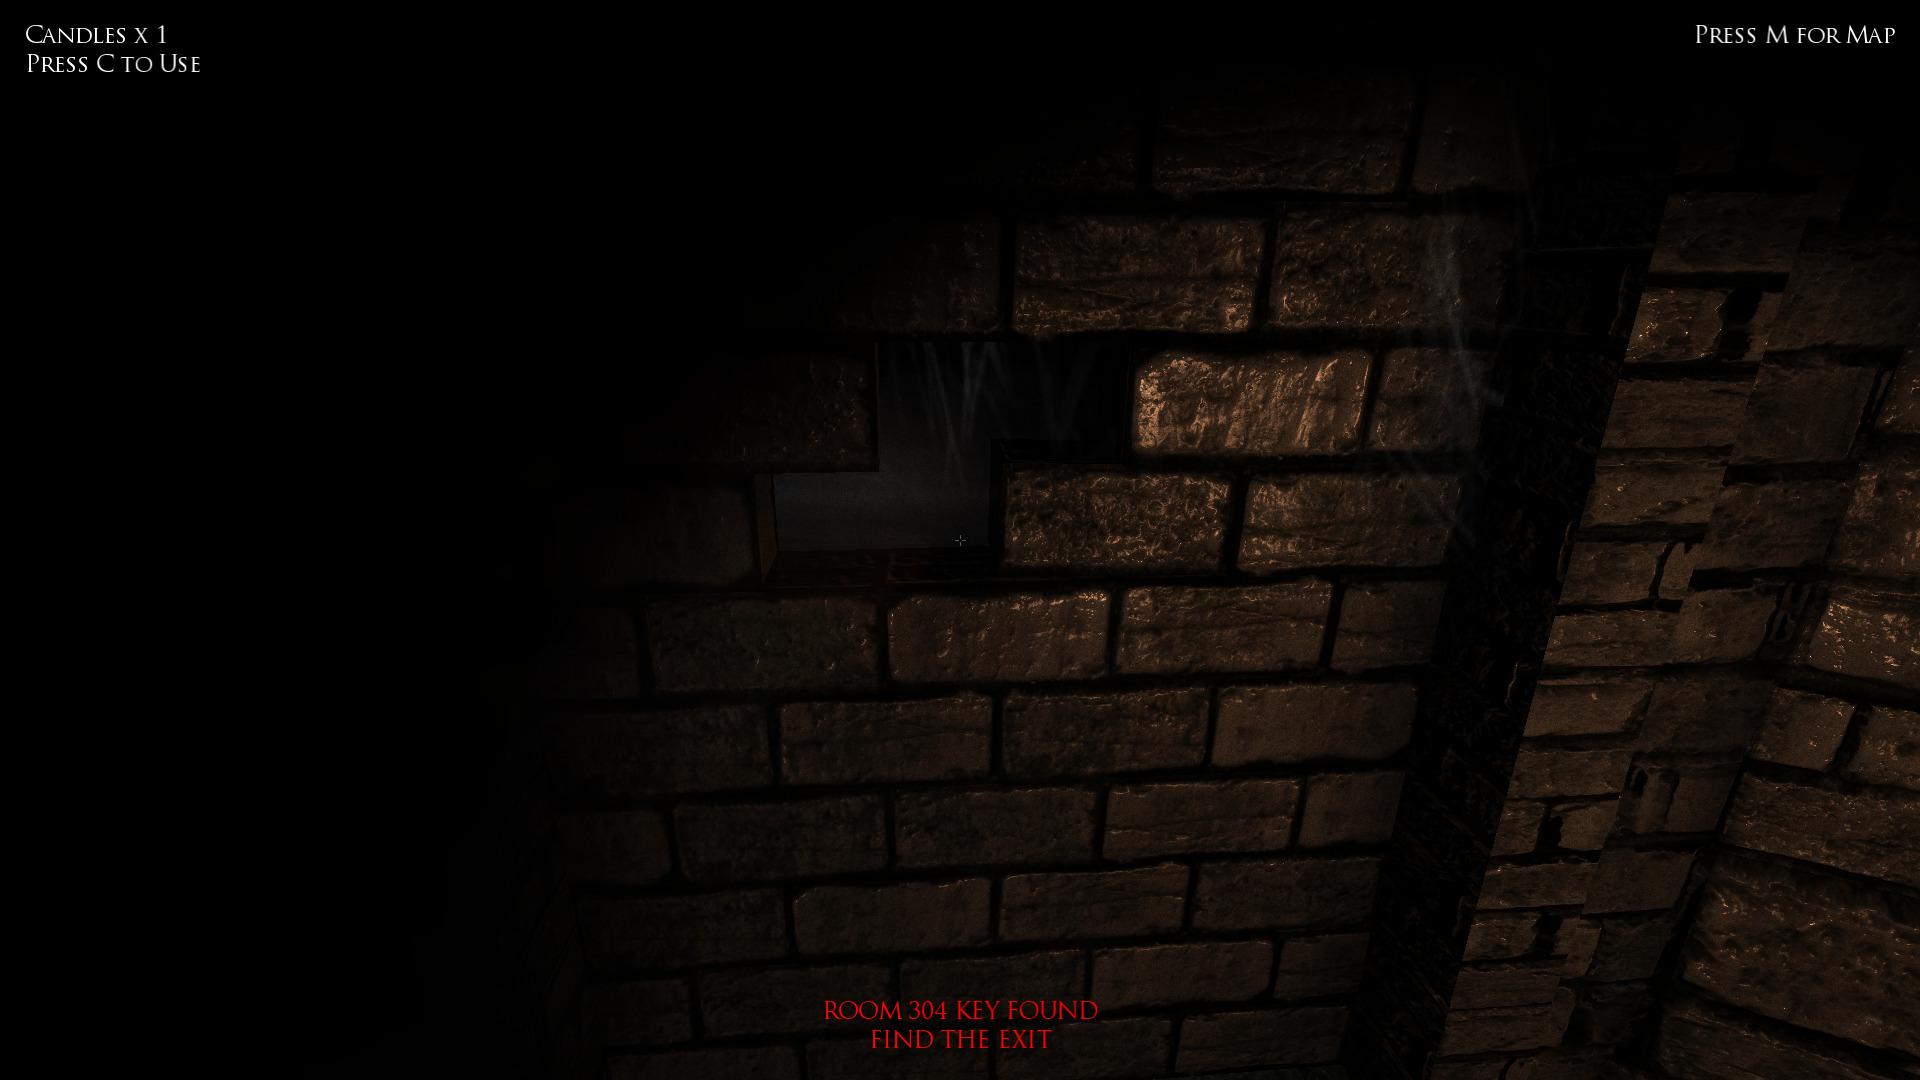 nightmares-15.jpg